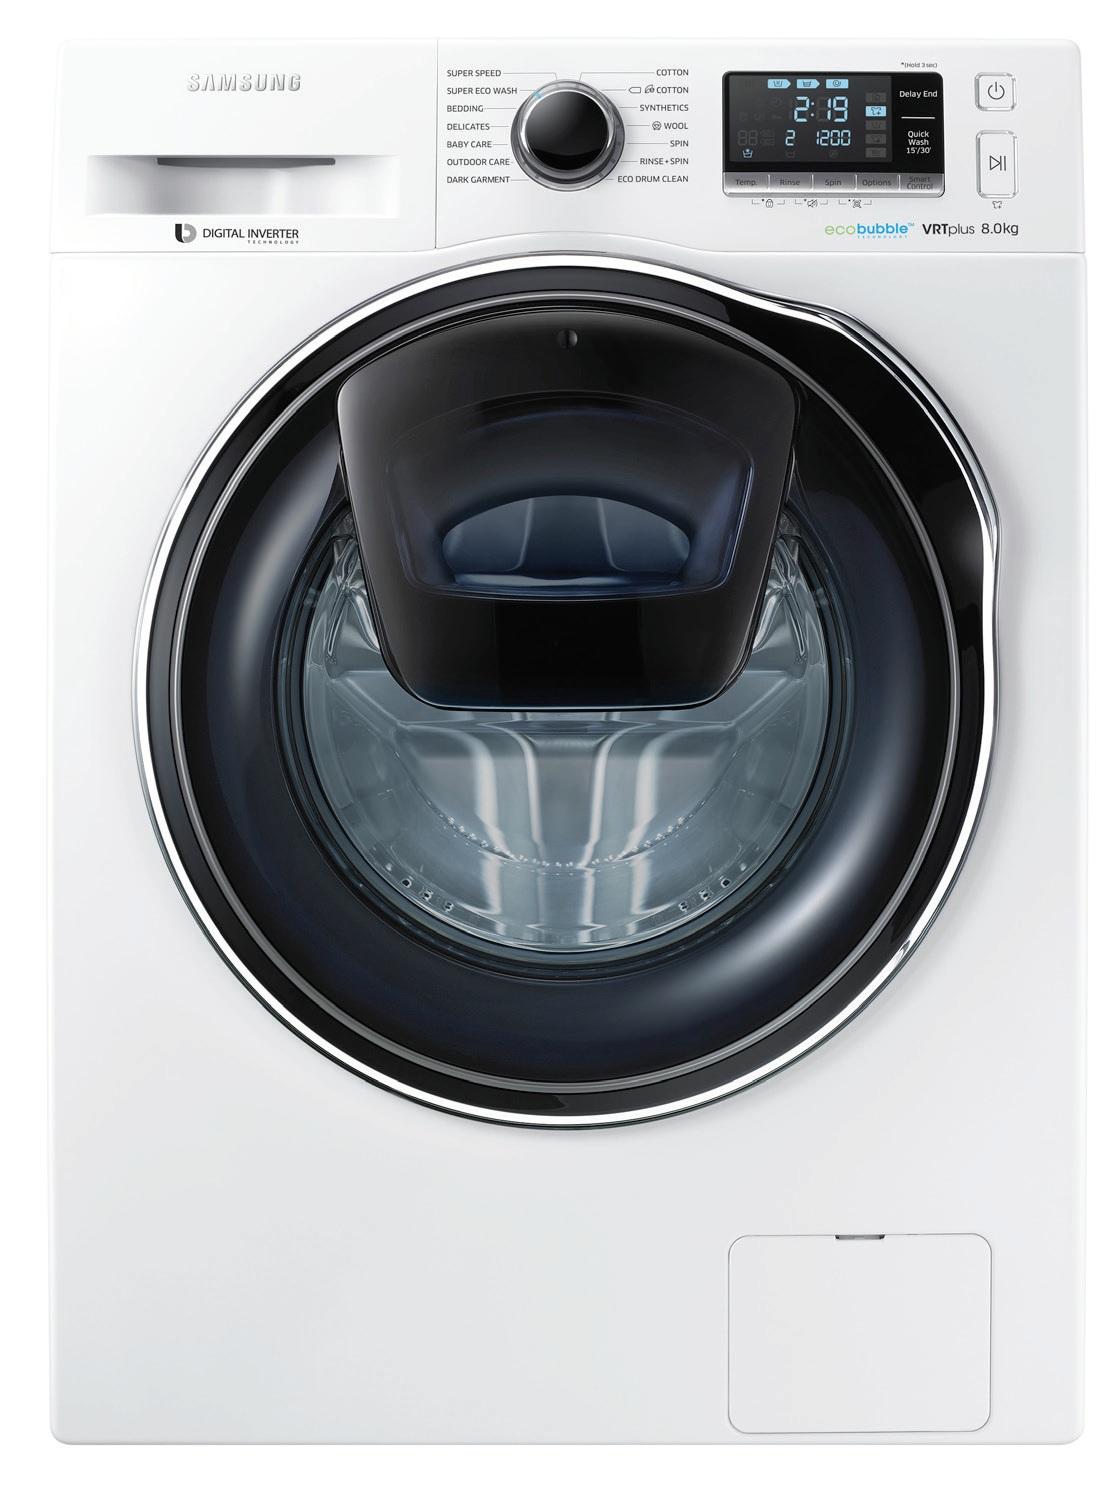 Motore inverter lavatrice l60843 stato recuperato cerca for Motore inverter lavatrice